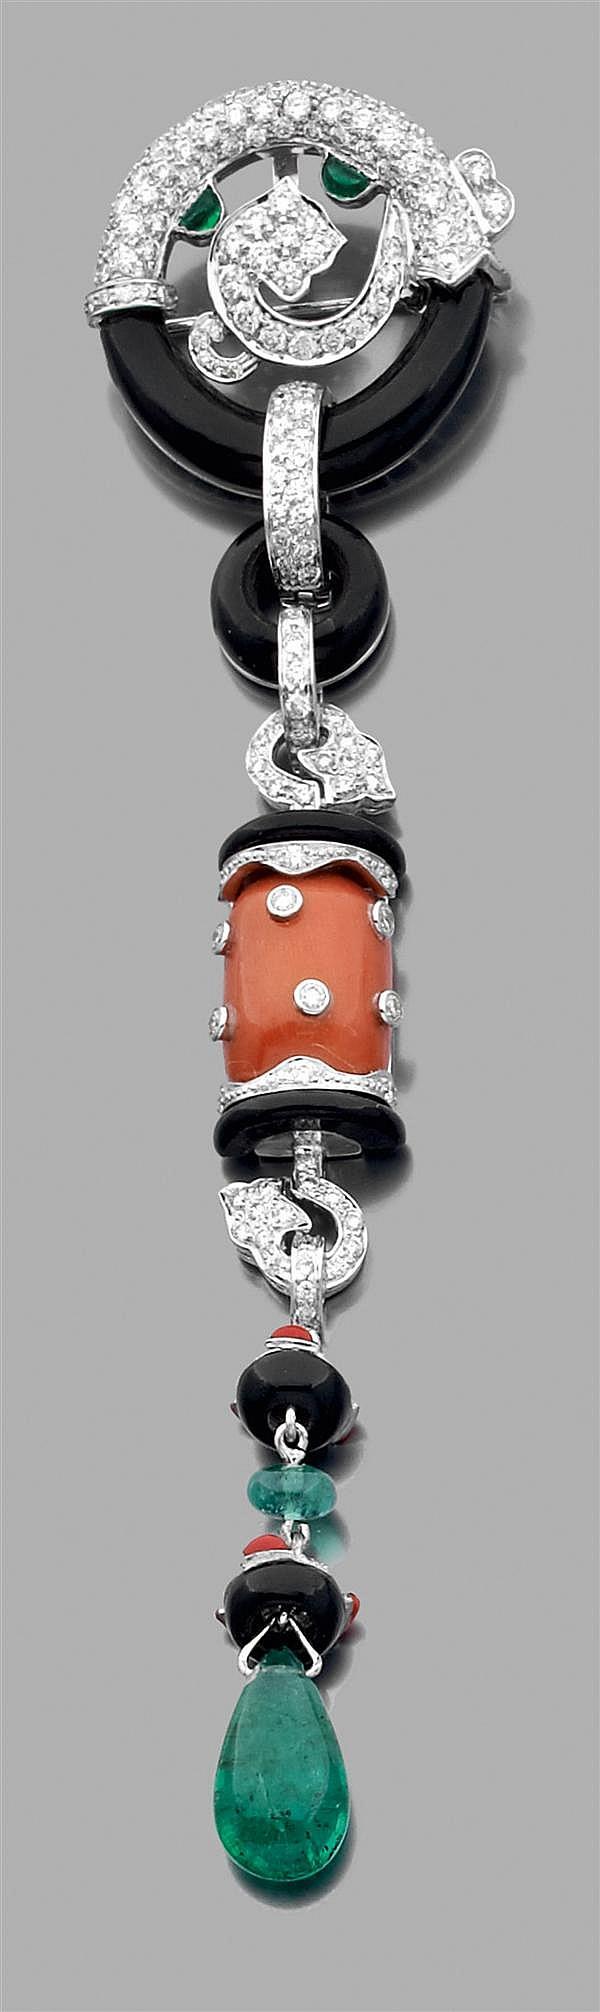 Pendentif broche en or gris, composé de motifs géométriques sertis d'onyx, de corail et de petits diamants, retenant une émeraude ca...